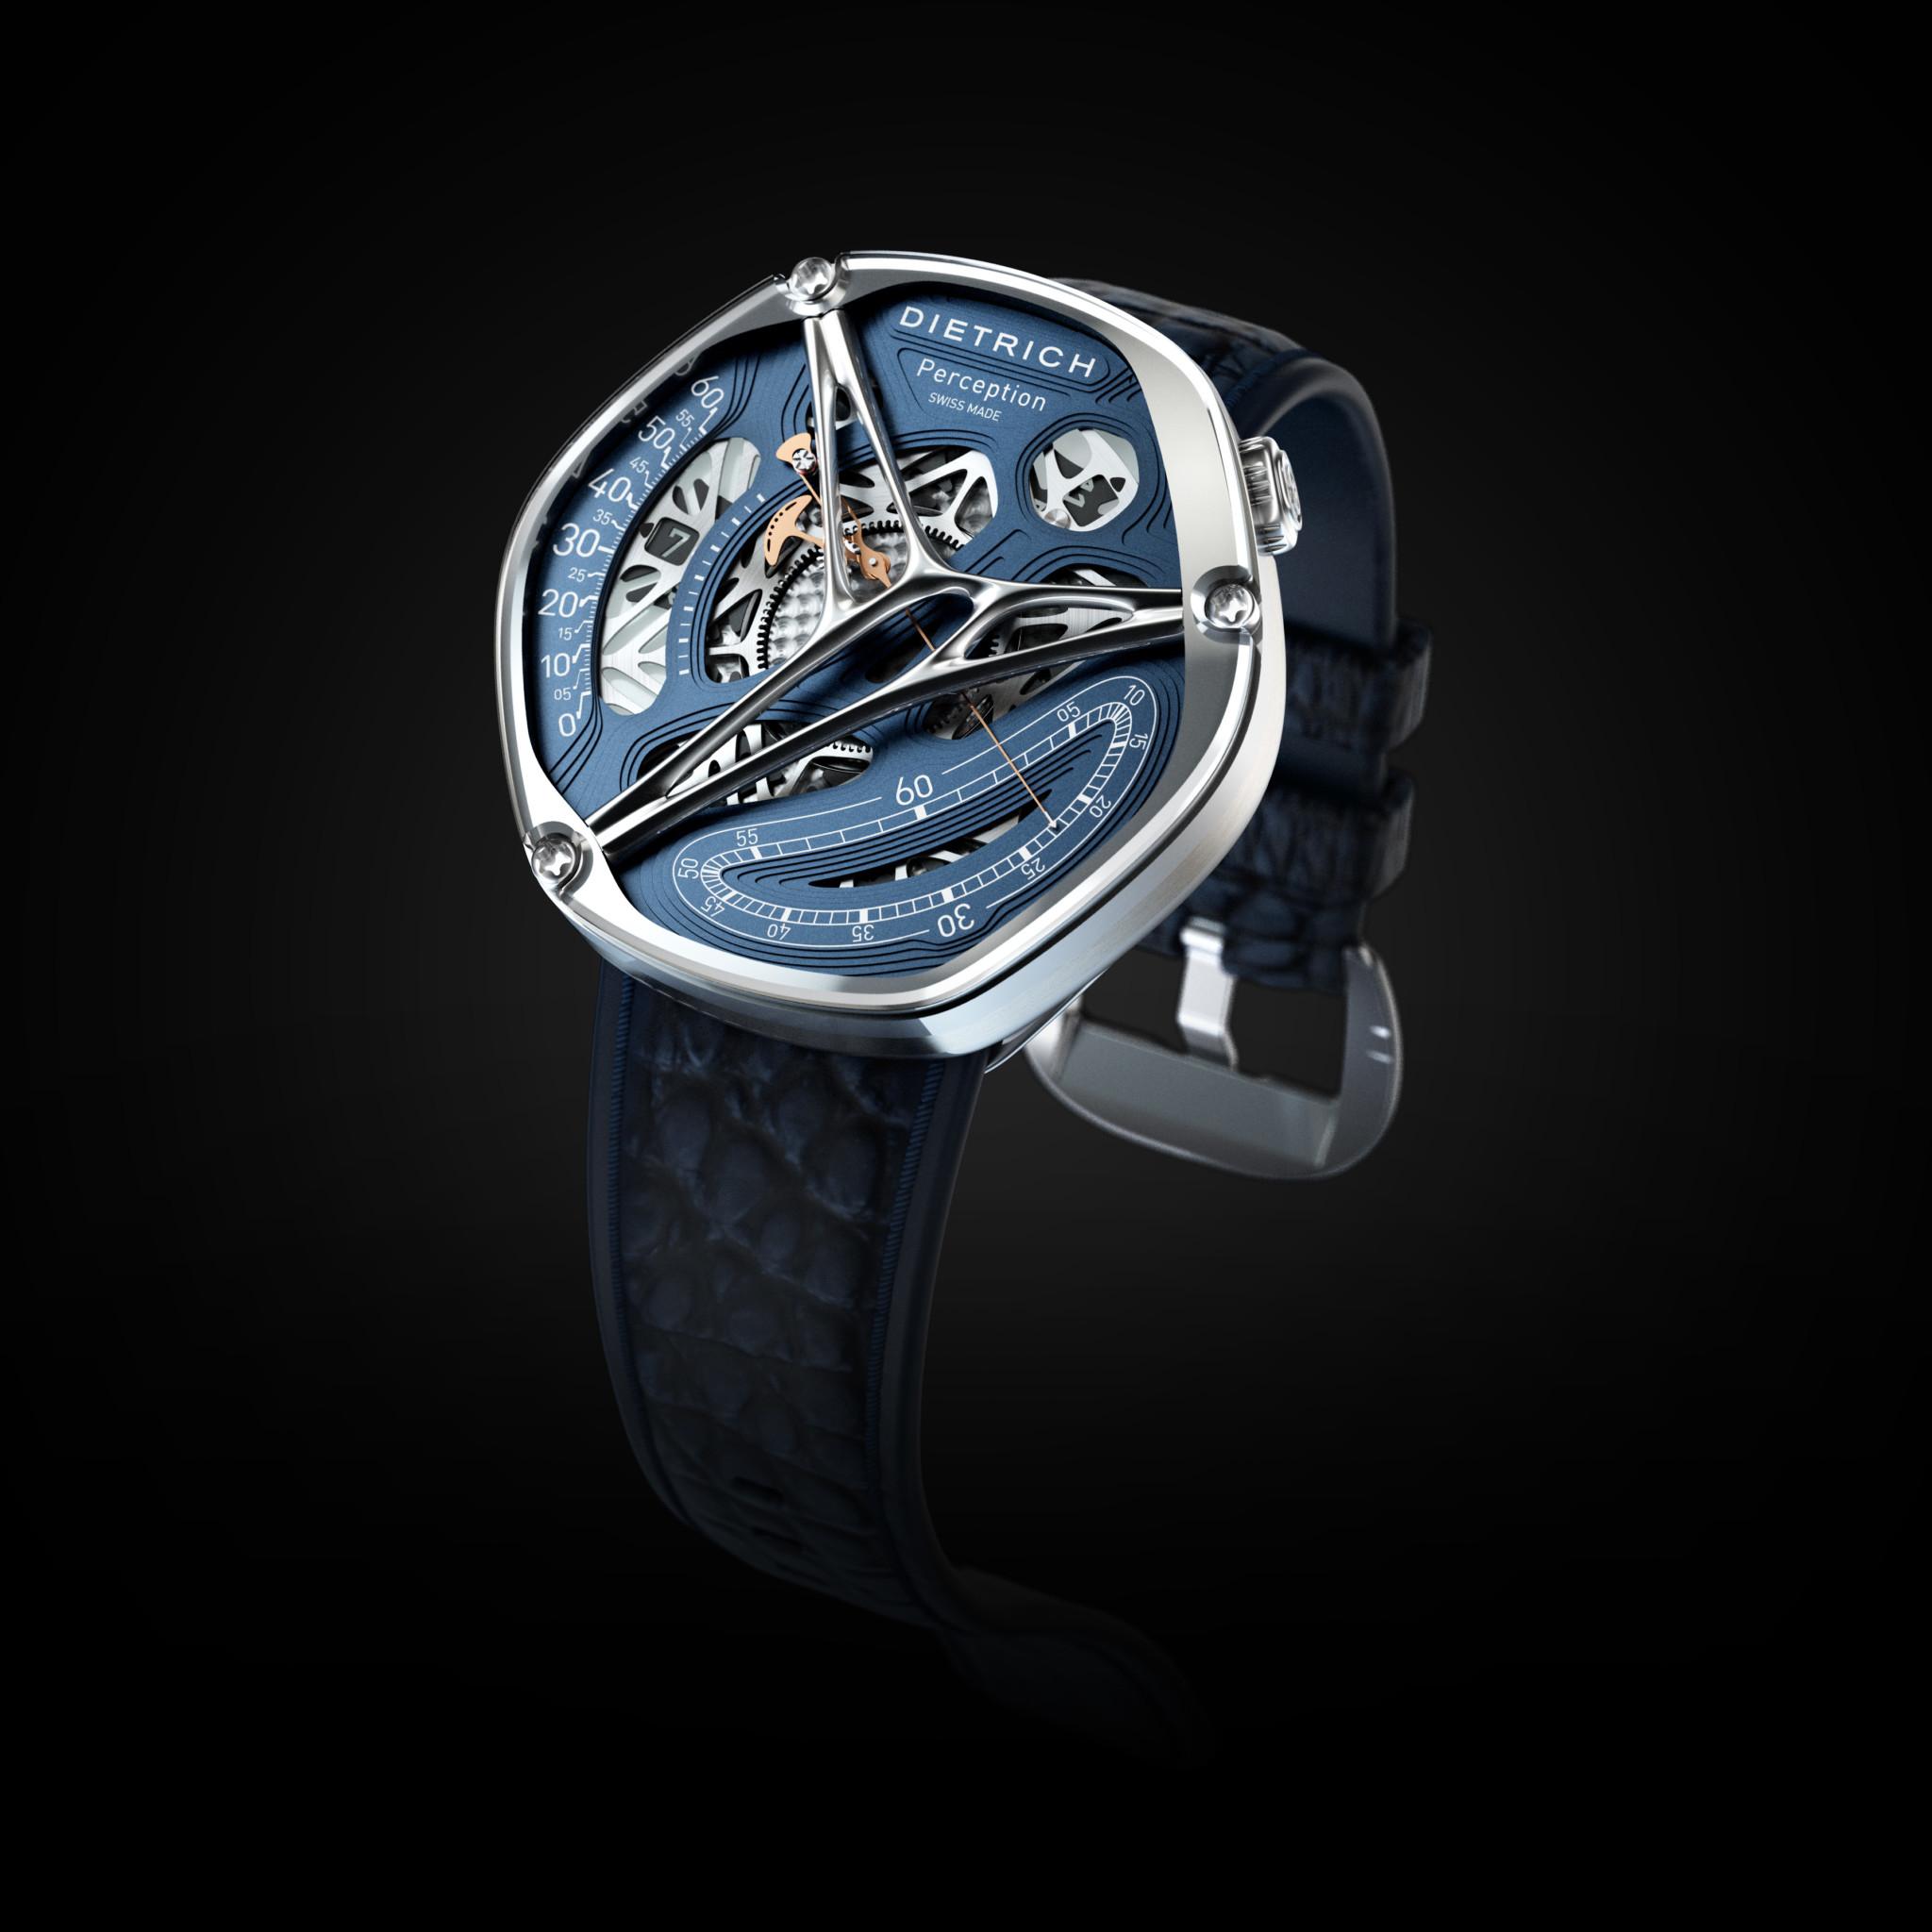 Dietrichs Perception timepiece.